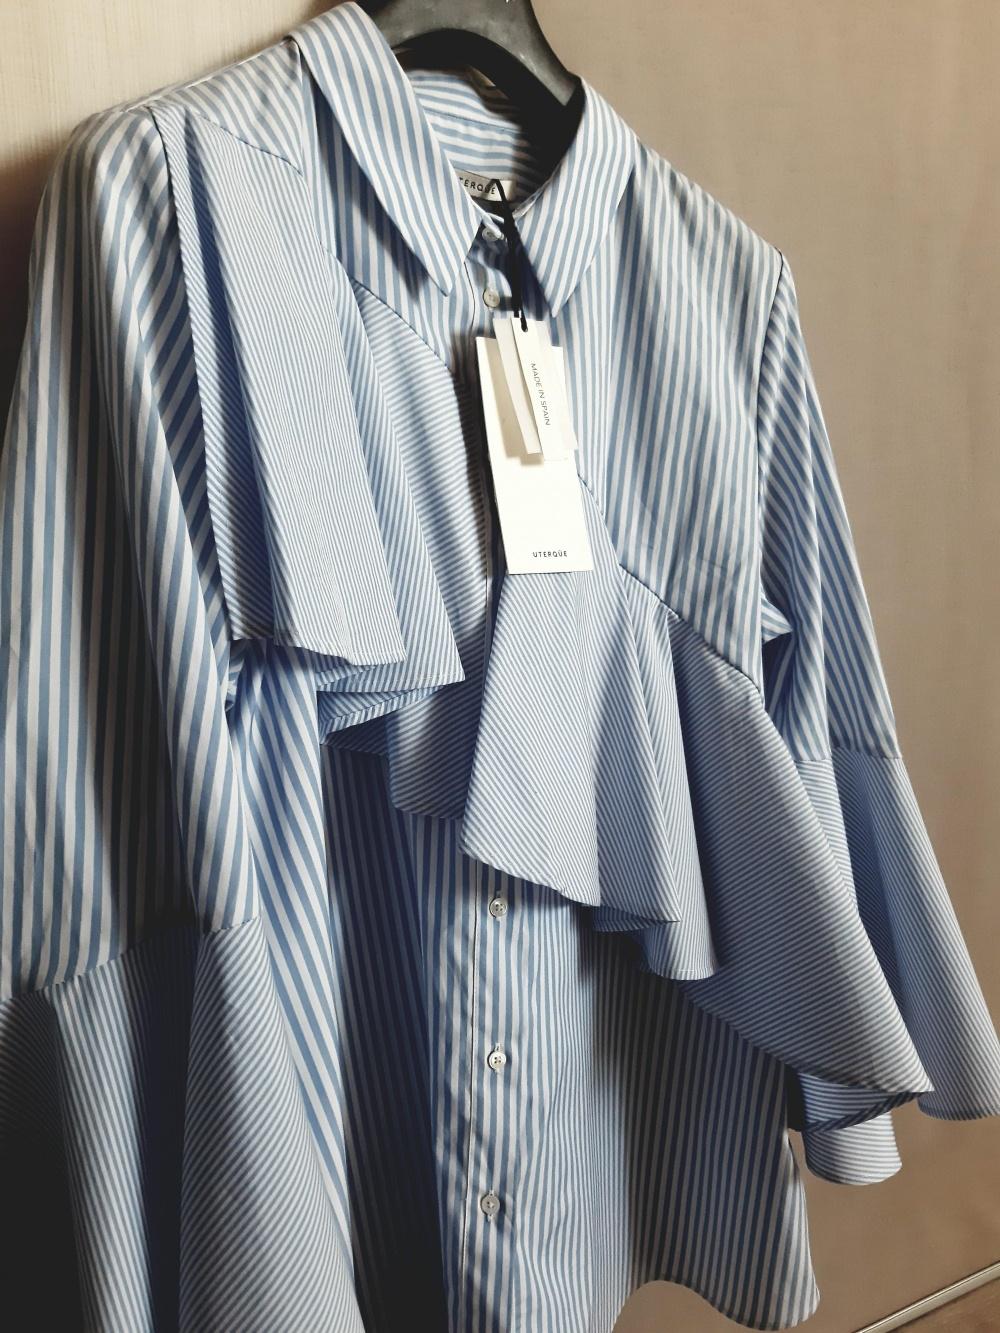 Рубашка UTERQUE, размер L/M